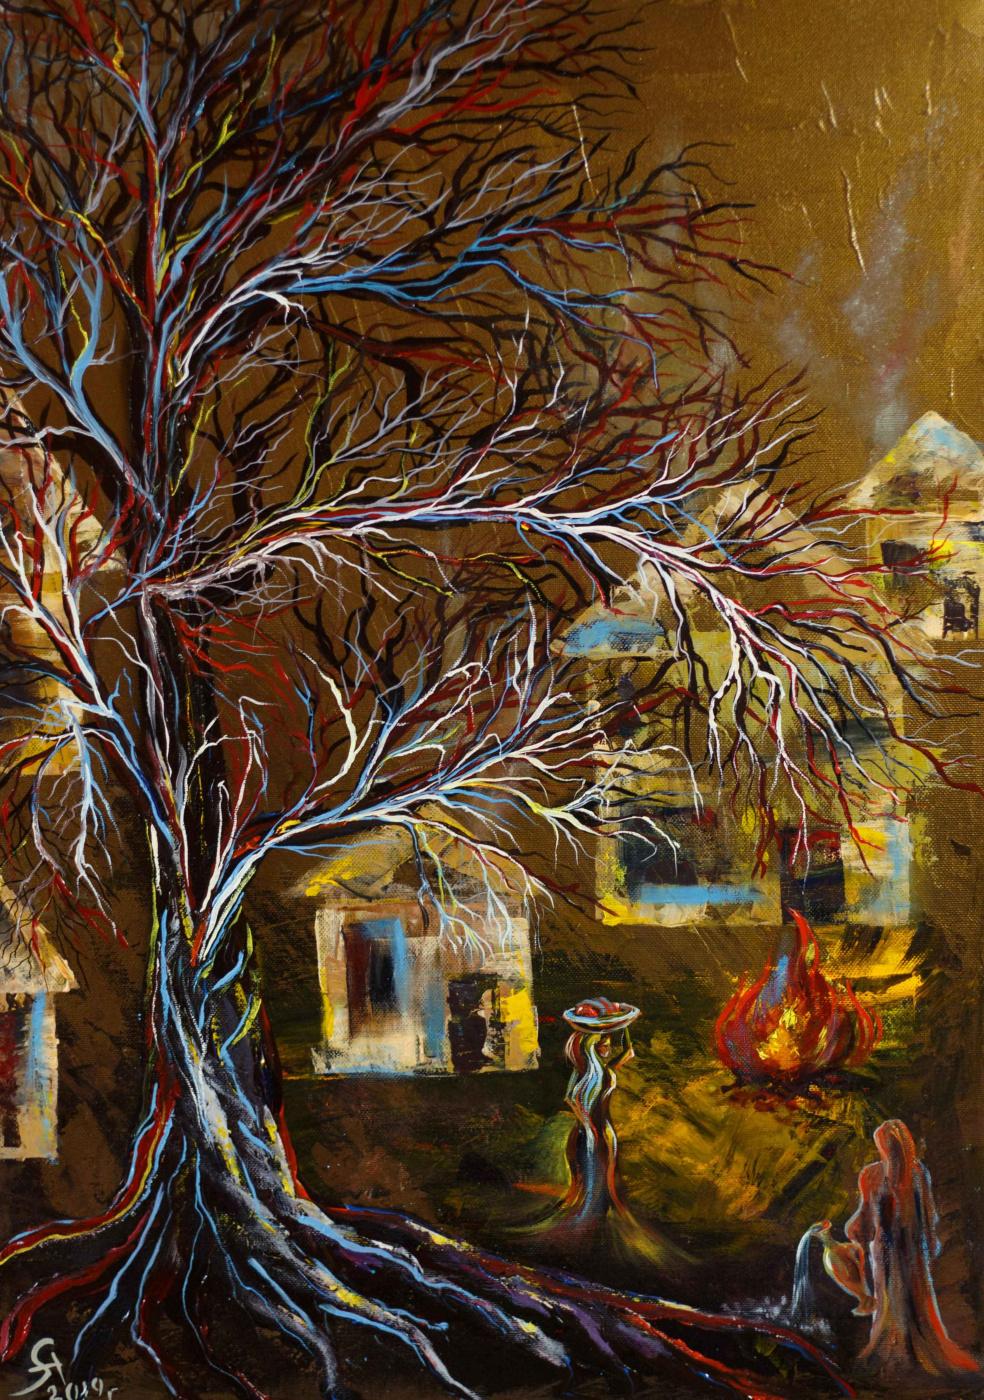 """Alla Struchayeva. The painting """"Village of Fire"""""""